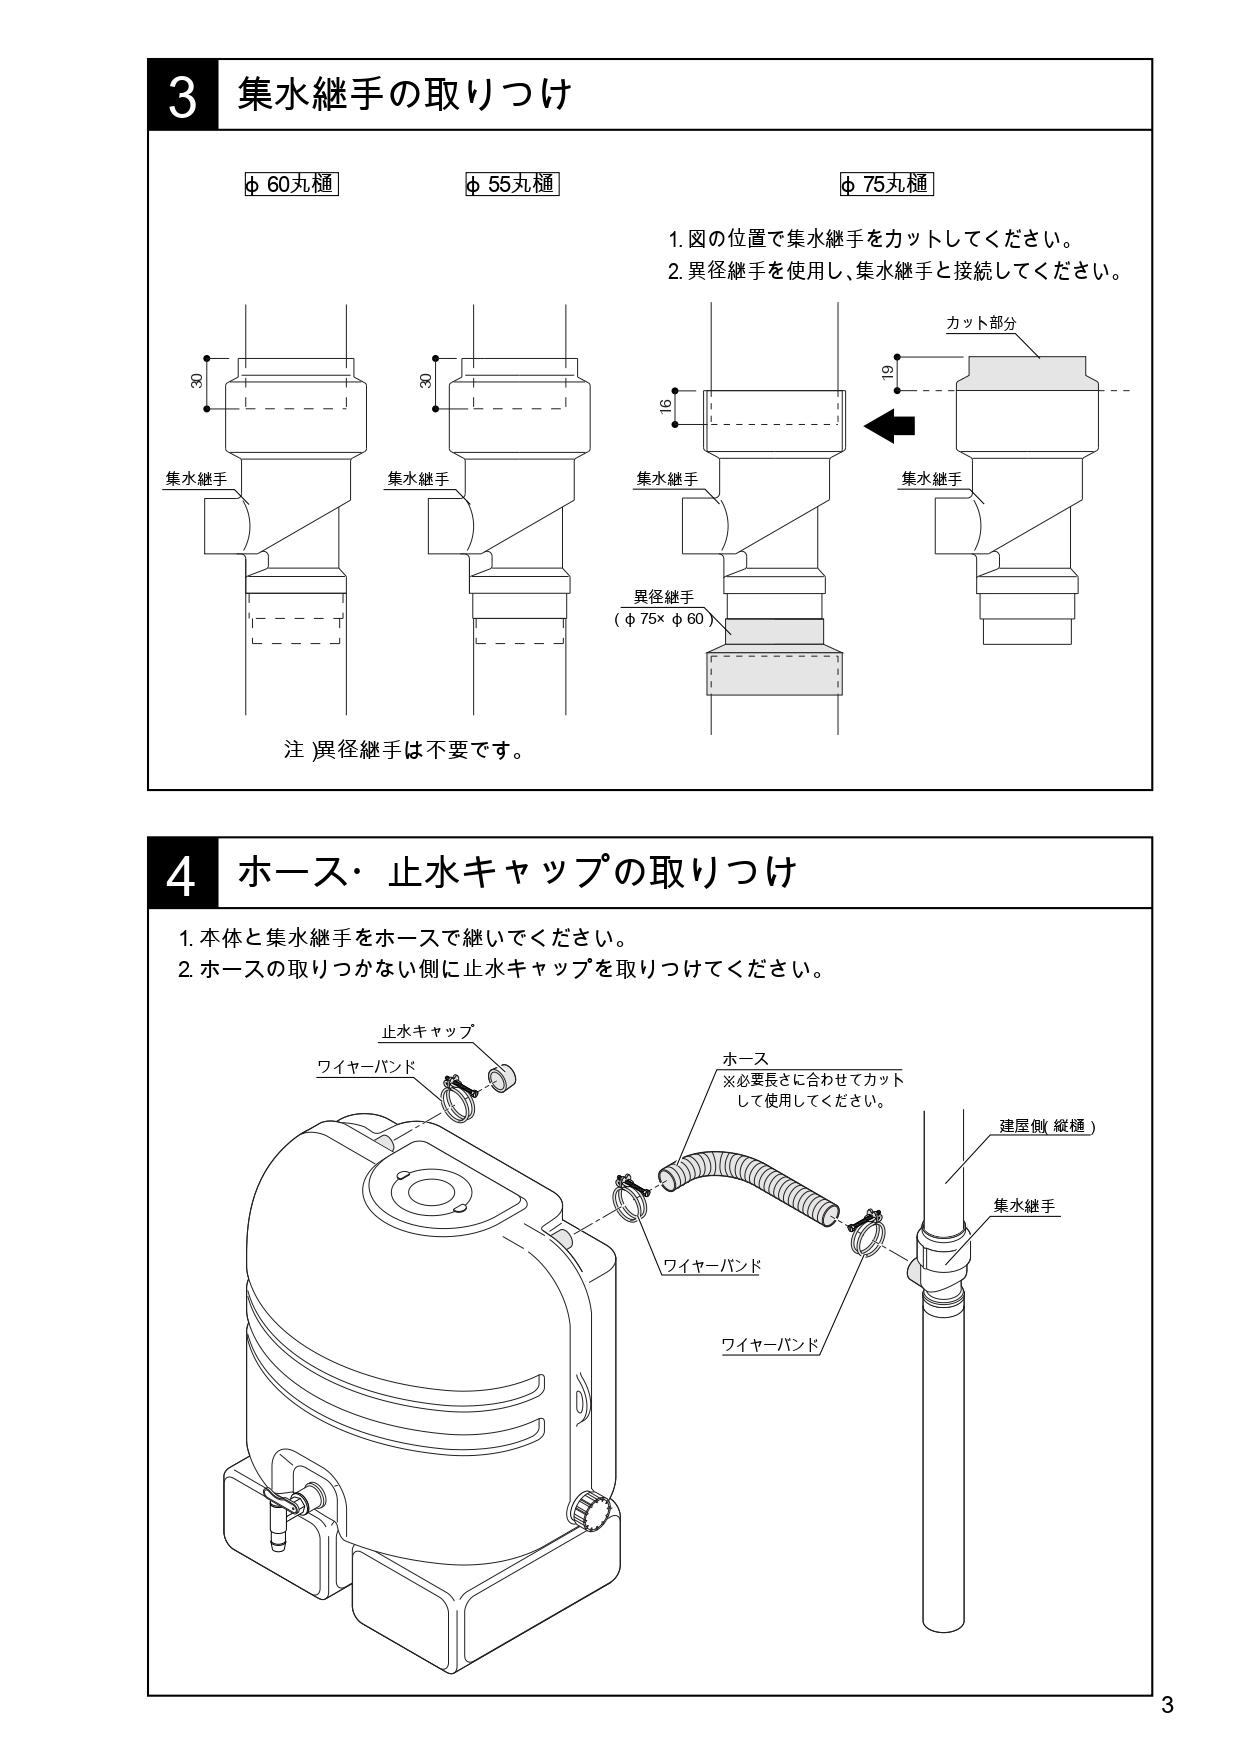 レインキーパーP2型 施工説明書_page-0003